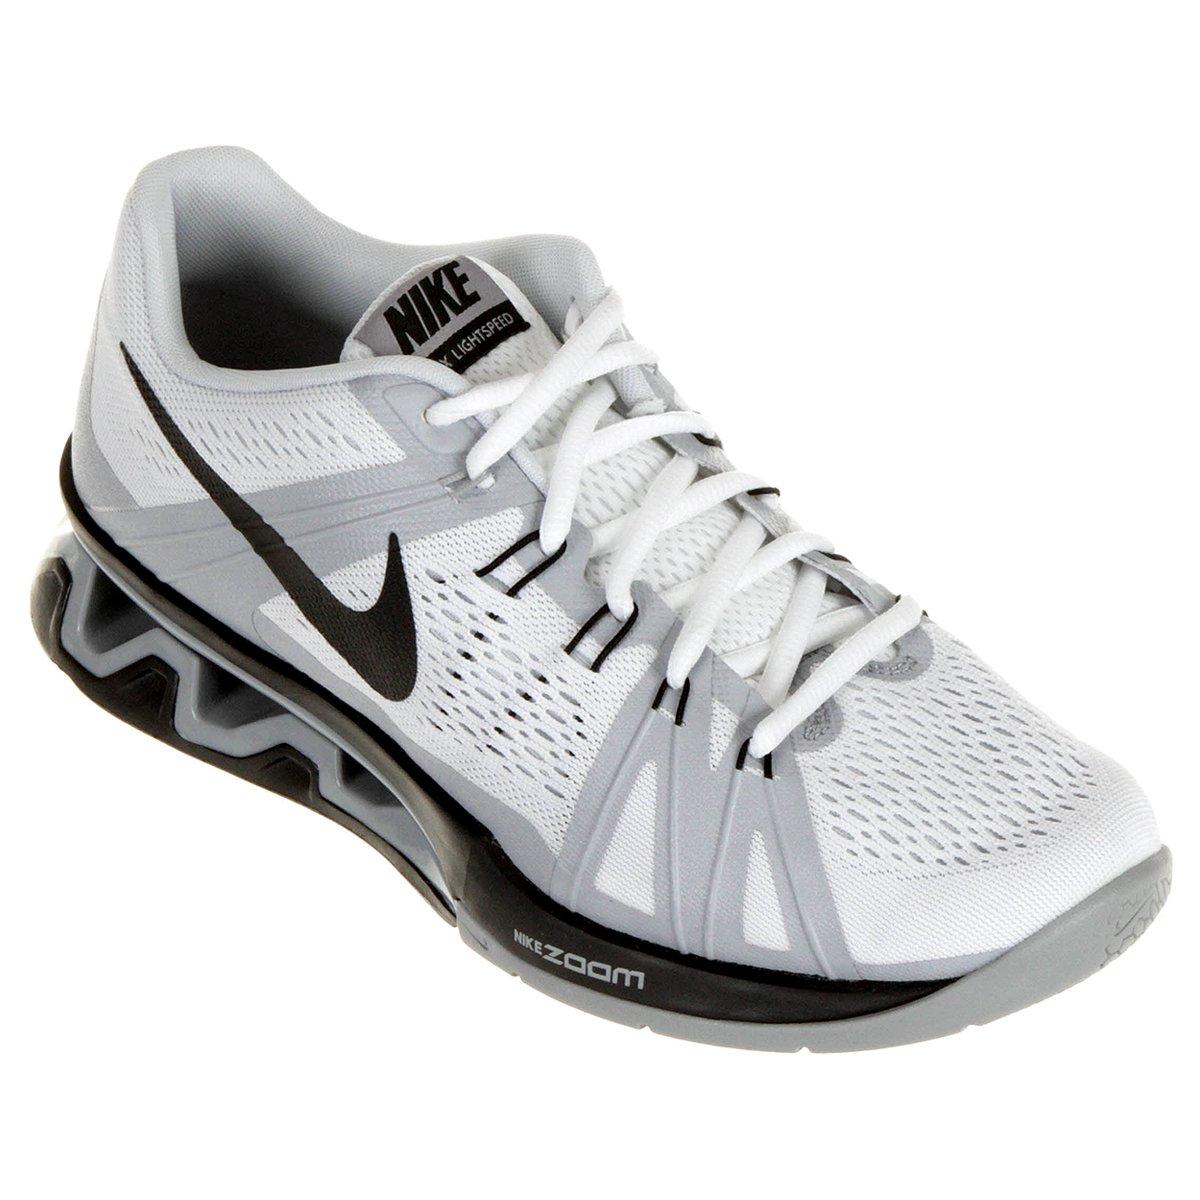 0a7f090531f Tênis Nike Reax Lightspeed Masculino - Compre Agora